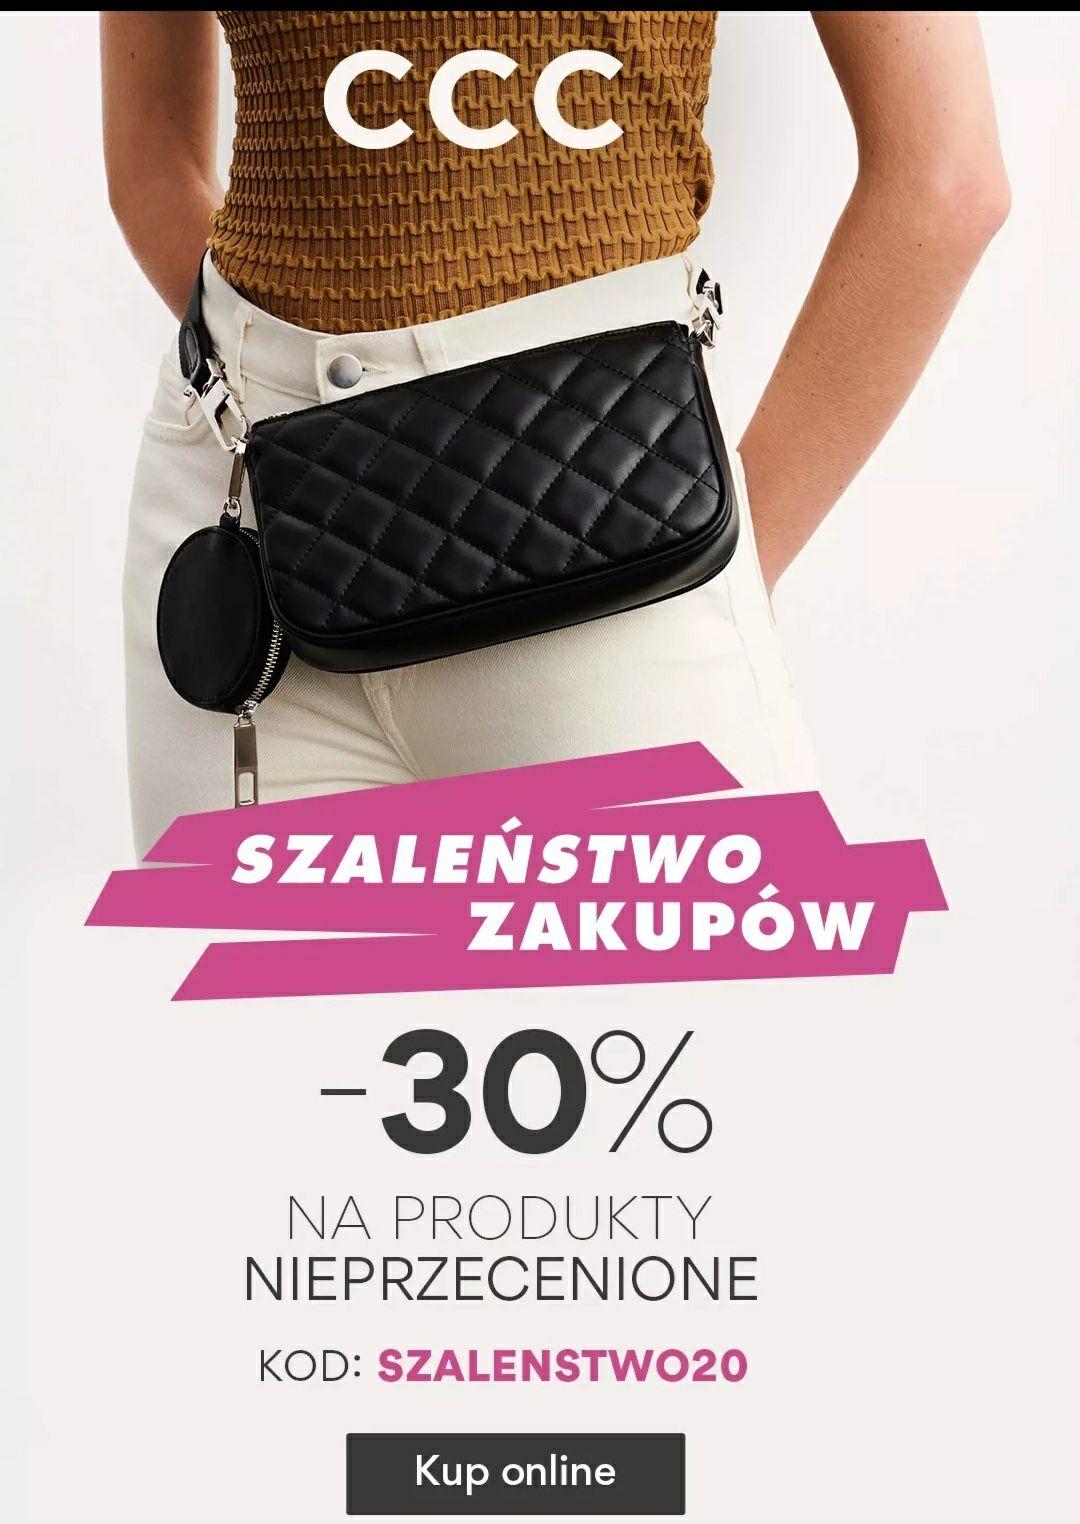 -30% na produkty nie przecenione z kodem | darmowa dostawa | 24.09-27.09 @CCC